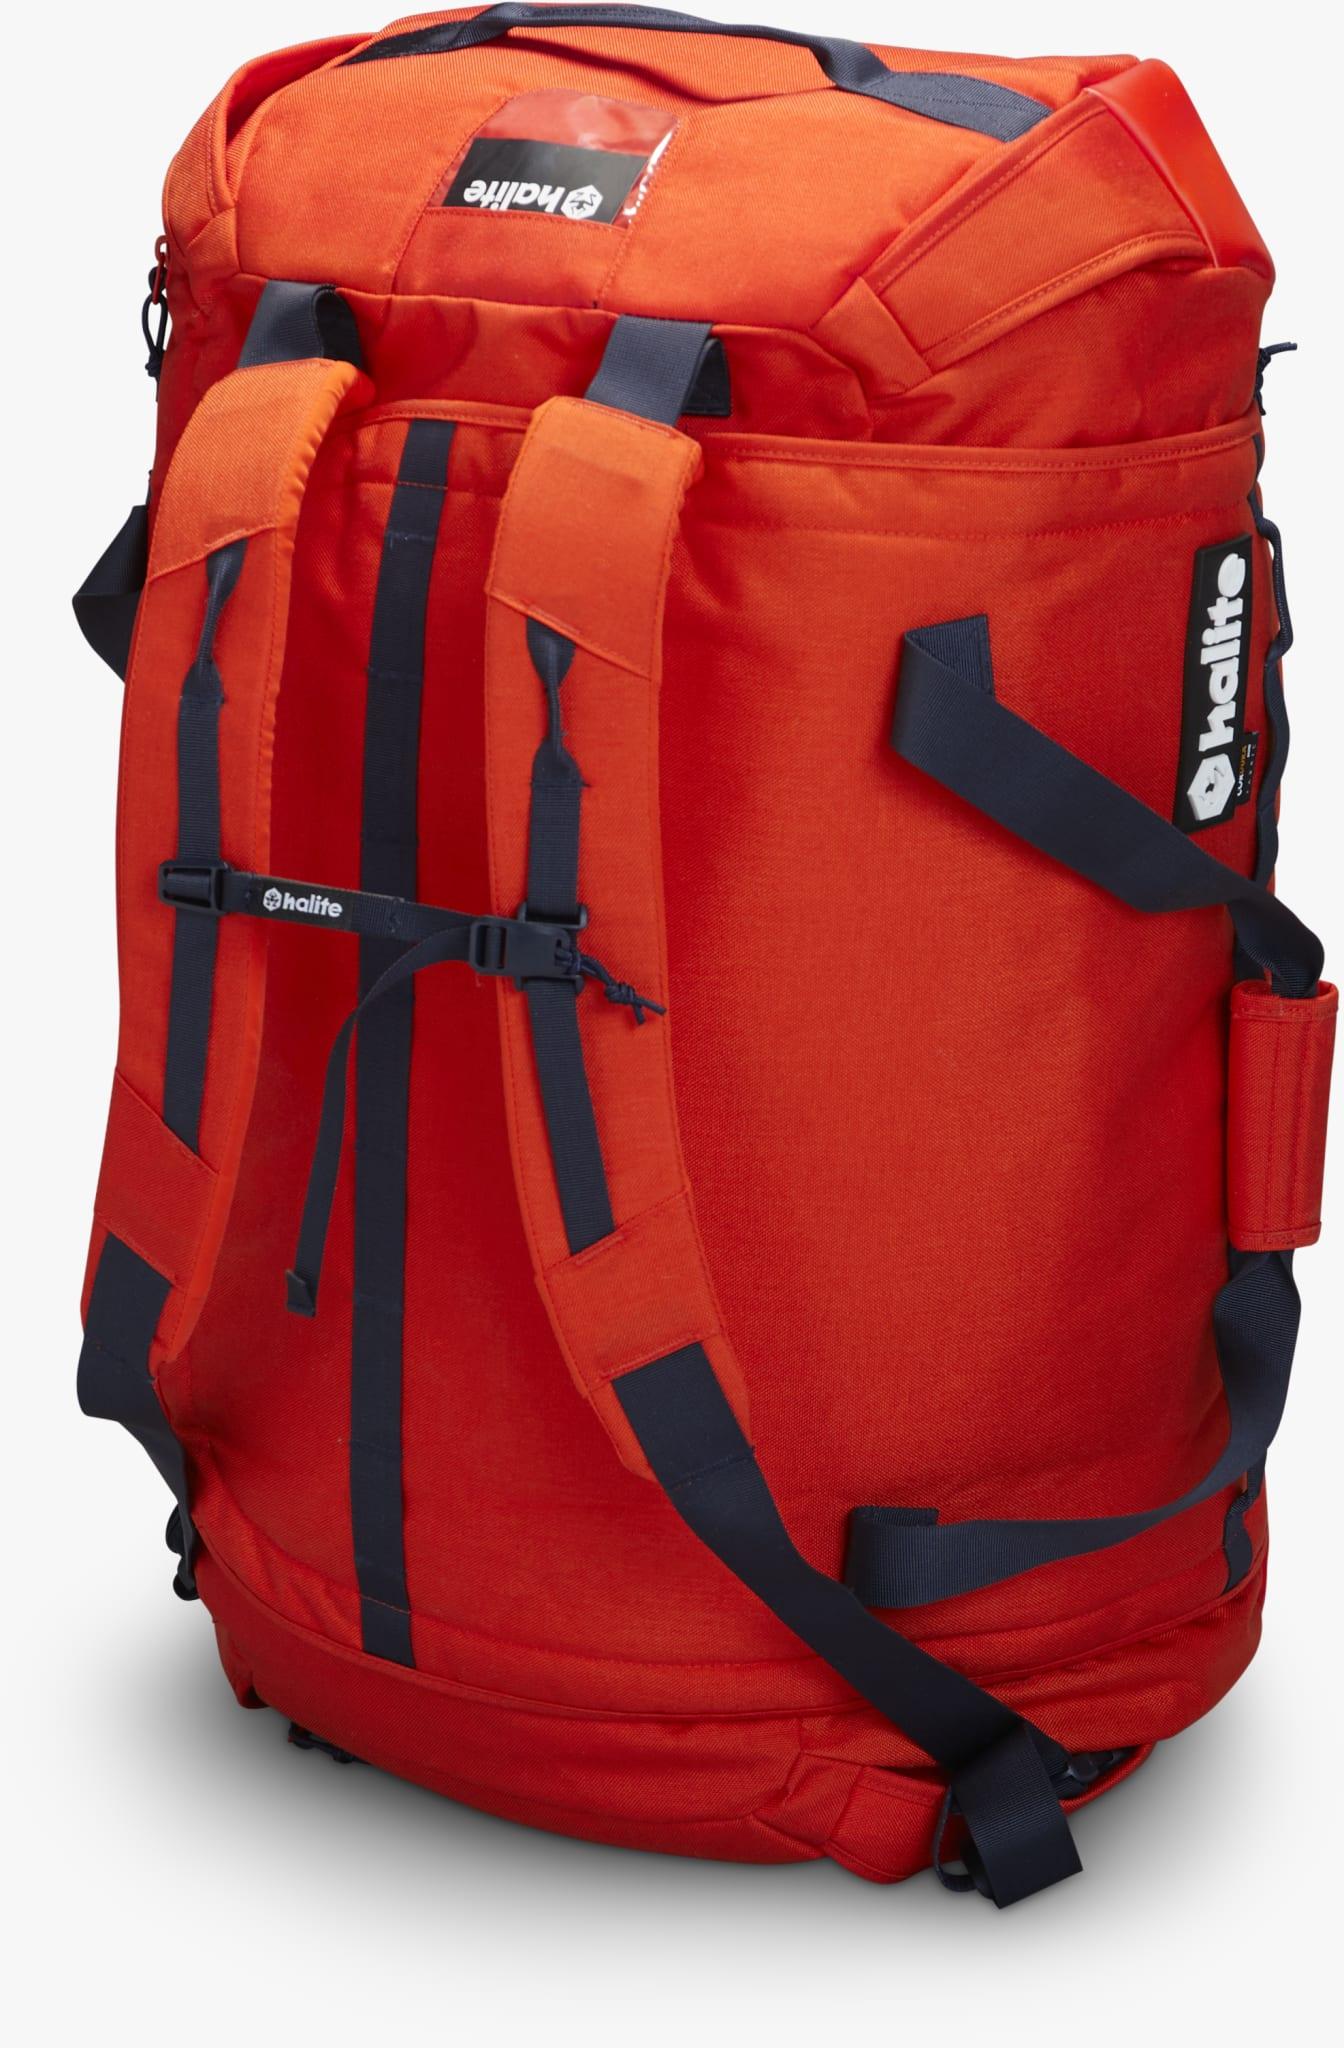 Kompromissløs duffelbag for de som vil ha det beste!